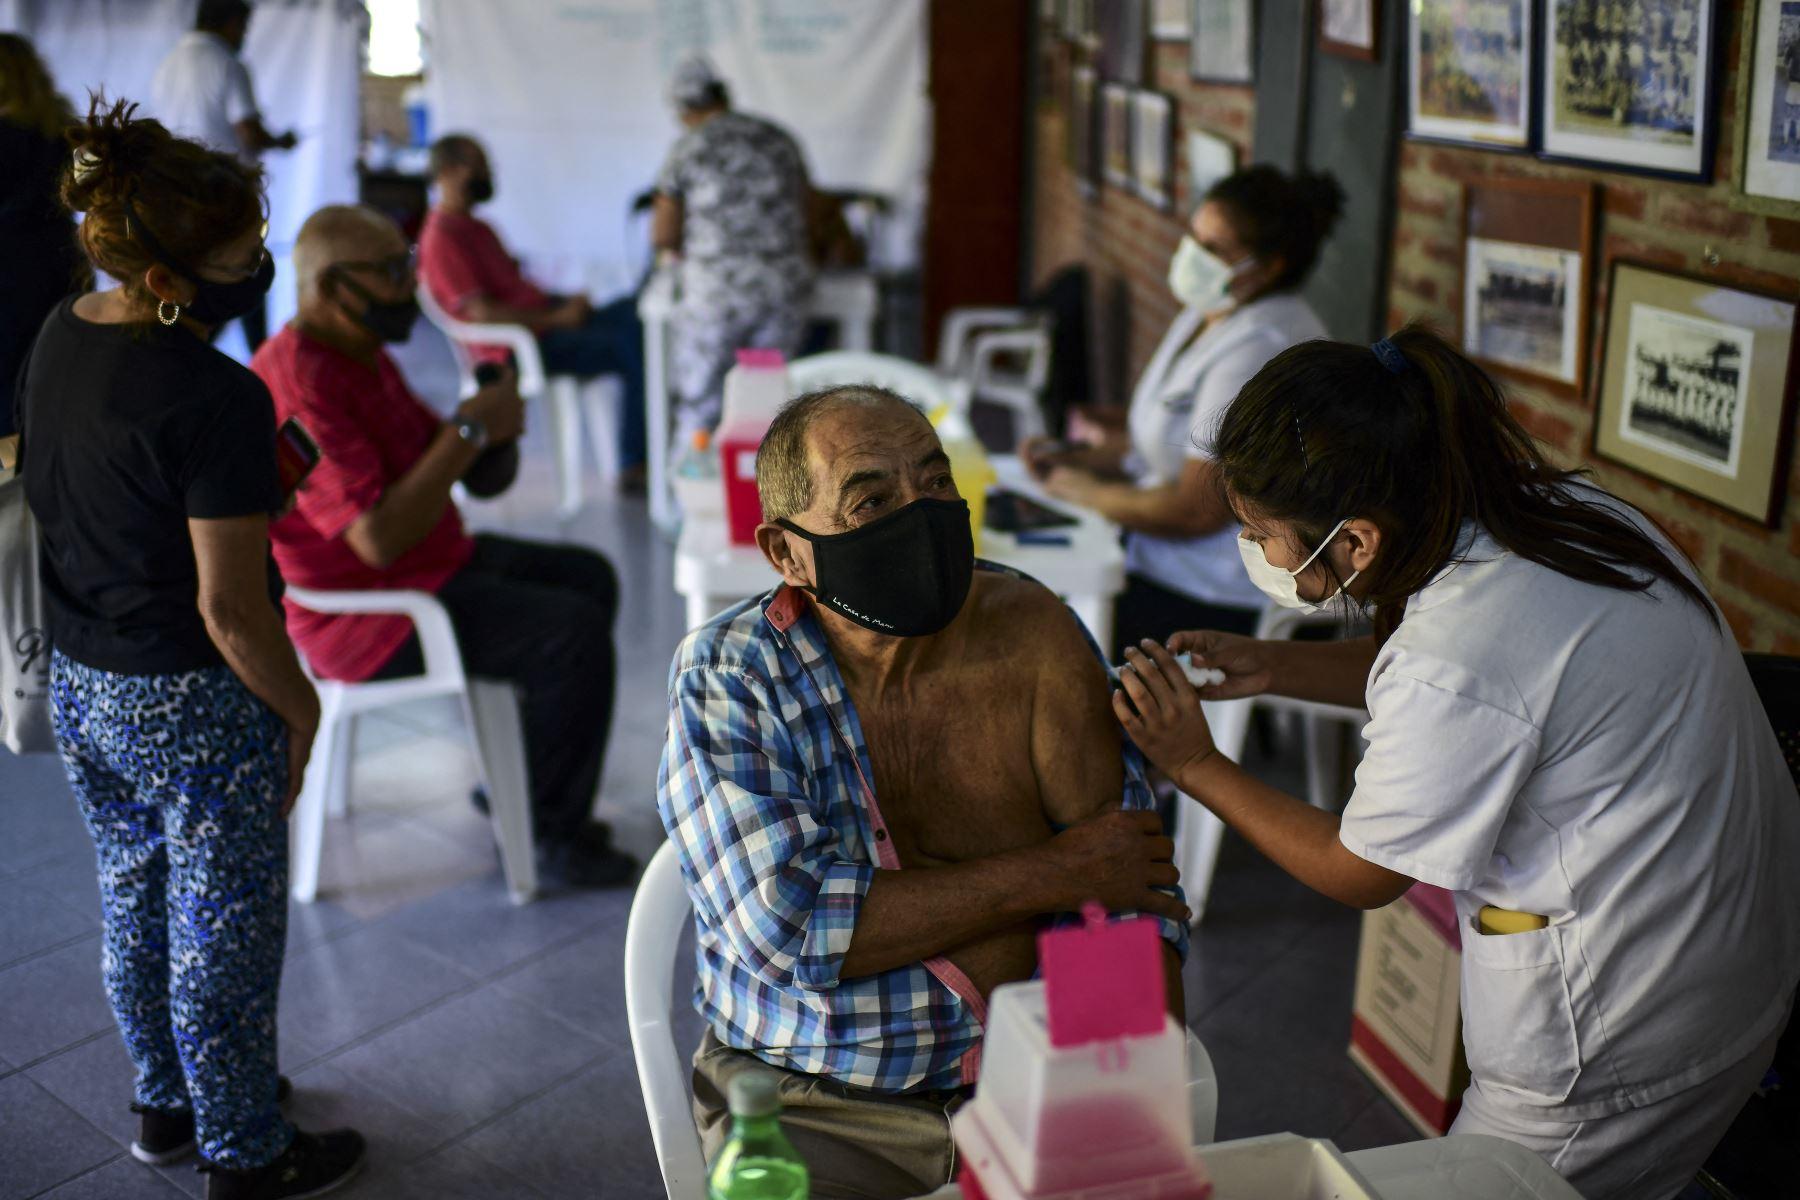 Un trabajador de la salud aplica una dosis de la vacuna Sputnik V contra el COVID-19, en el estadio Centenario de Quilmes, provincia de Buenos Aires, el 1 de abril de 2021. Foto: AFP